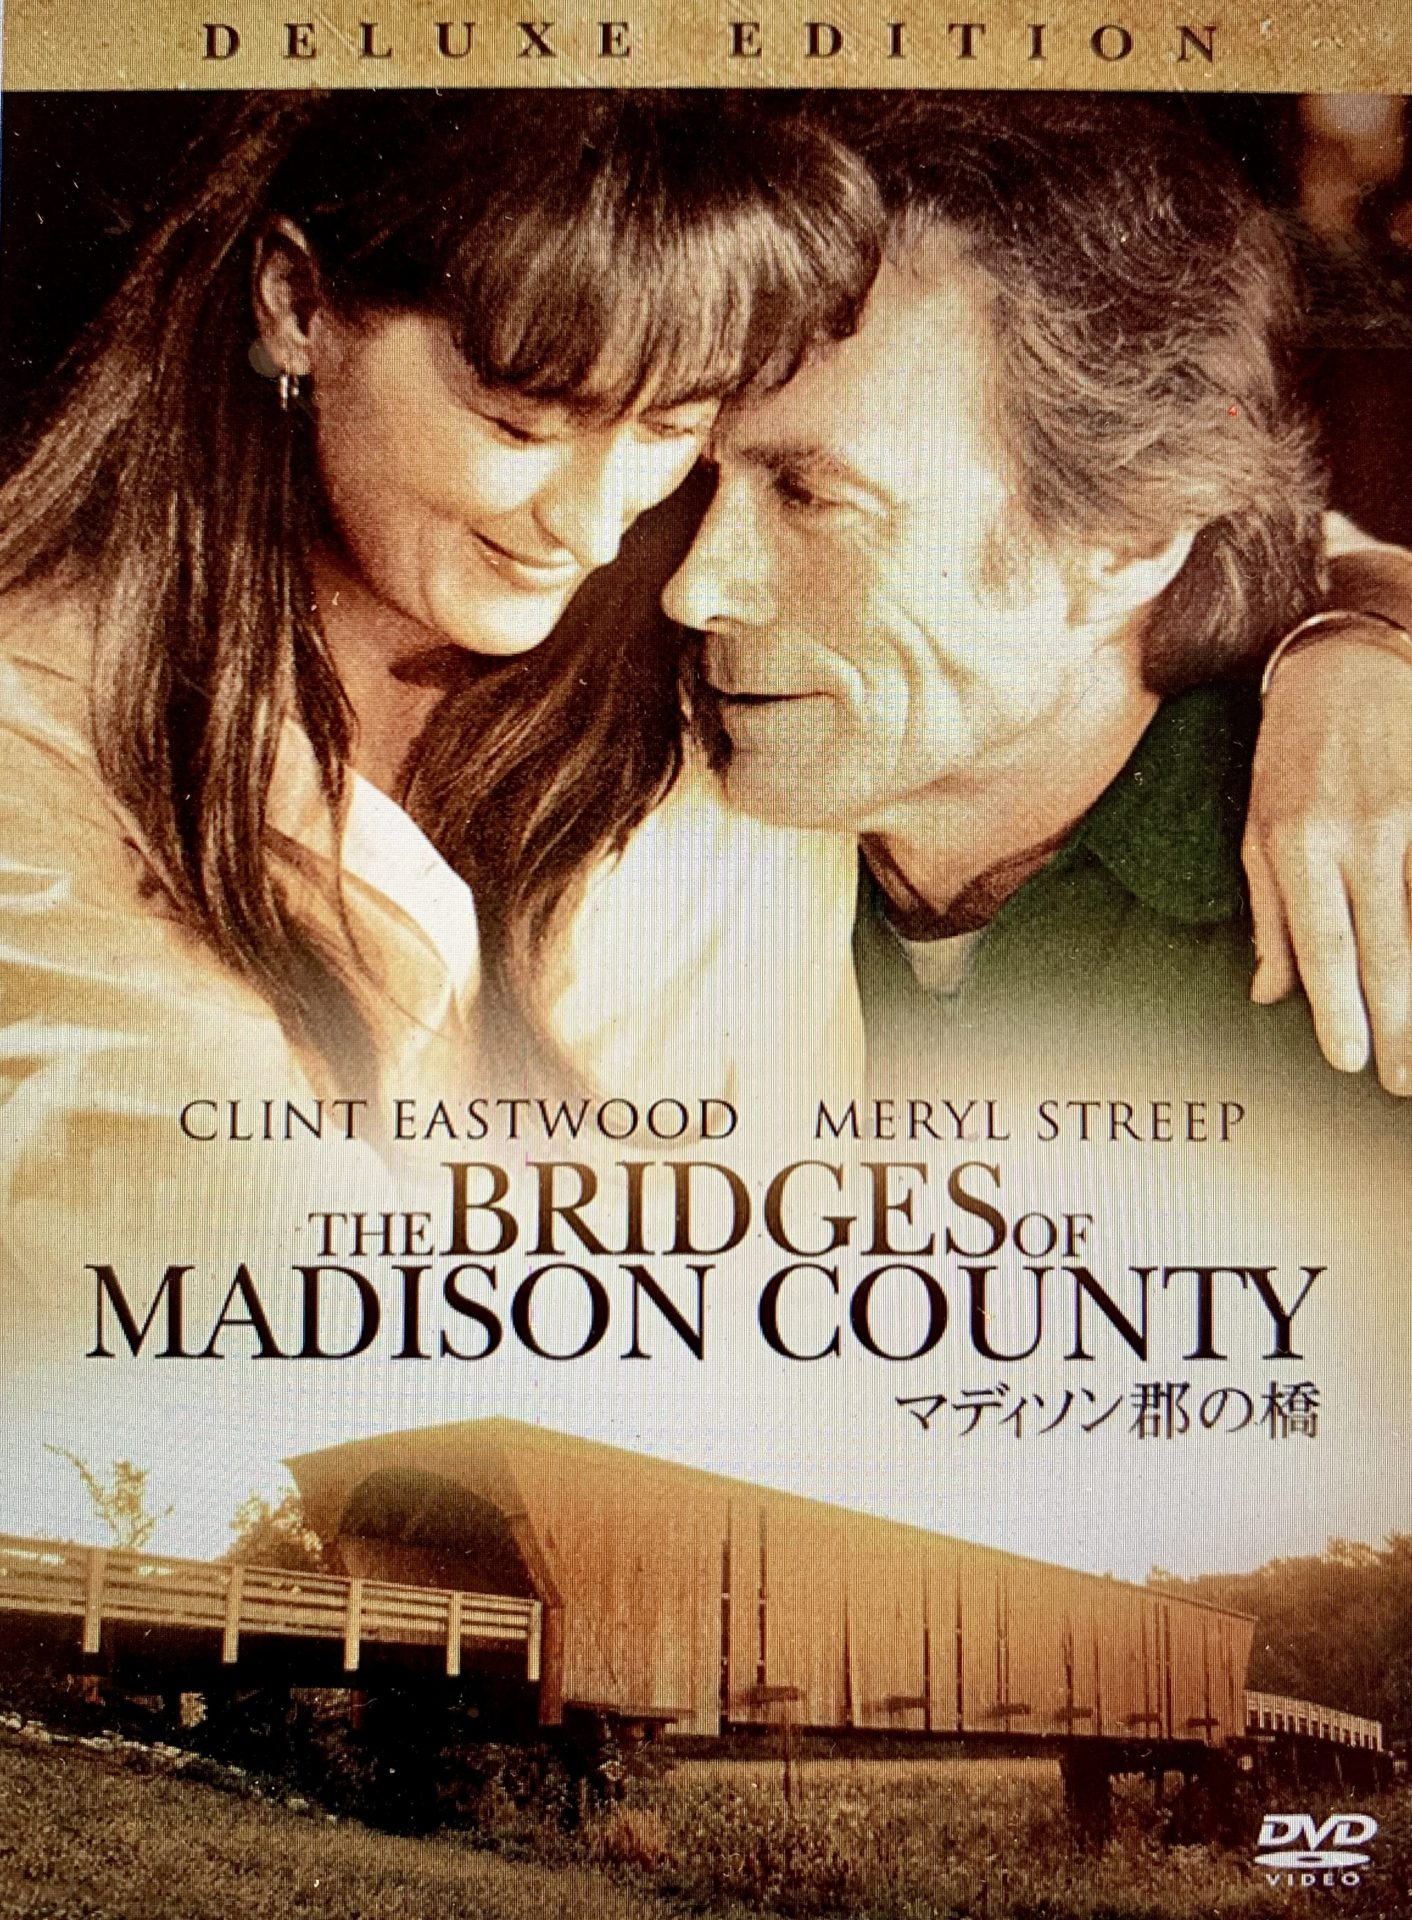 マディソン郡の橋